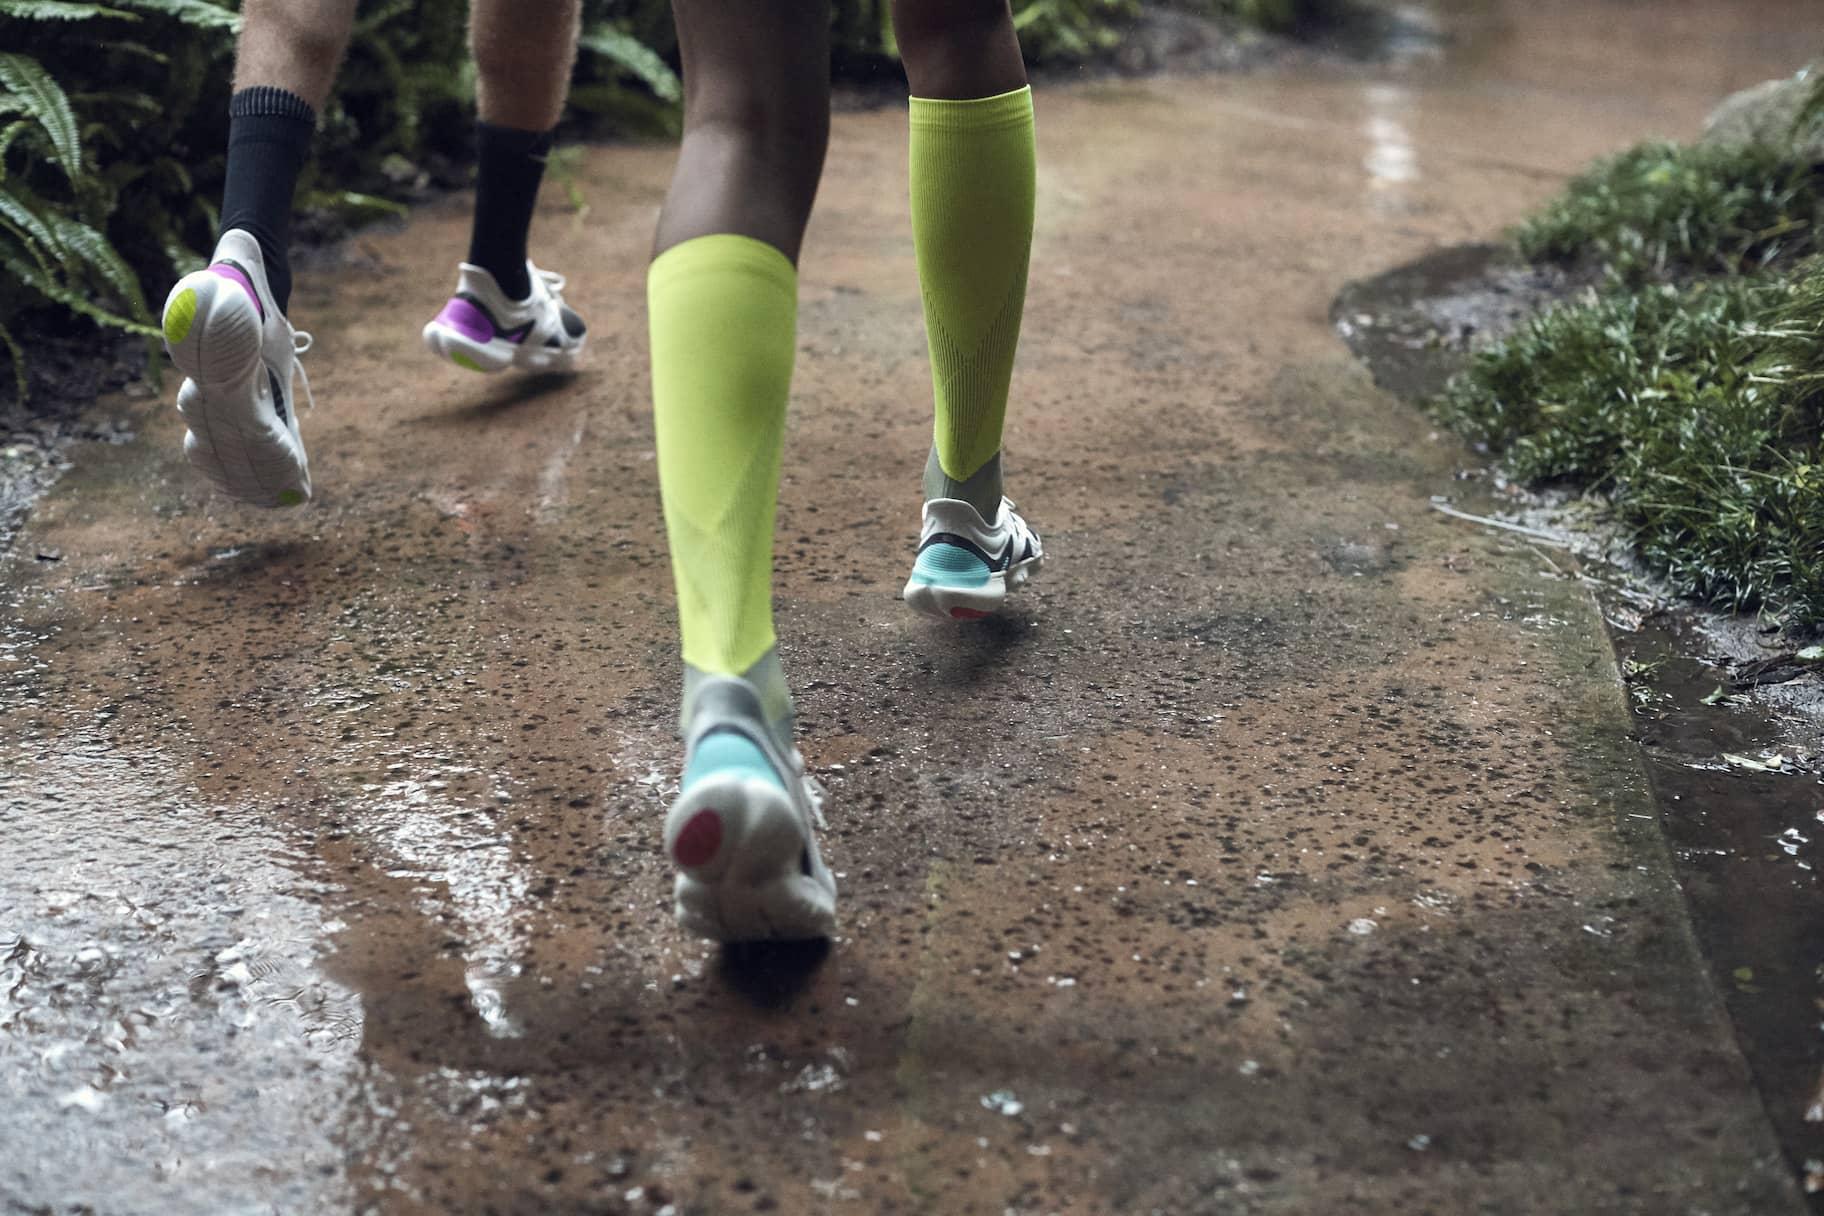 Stabilitätsschuhe oder Laufschuhe mit Bewegungskontrolle?